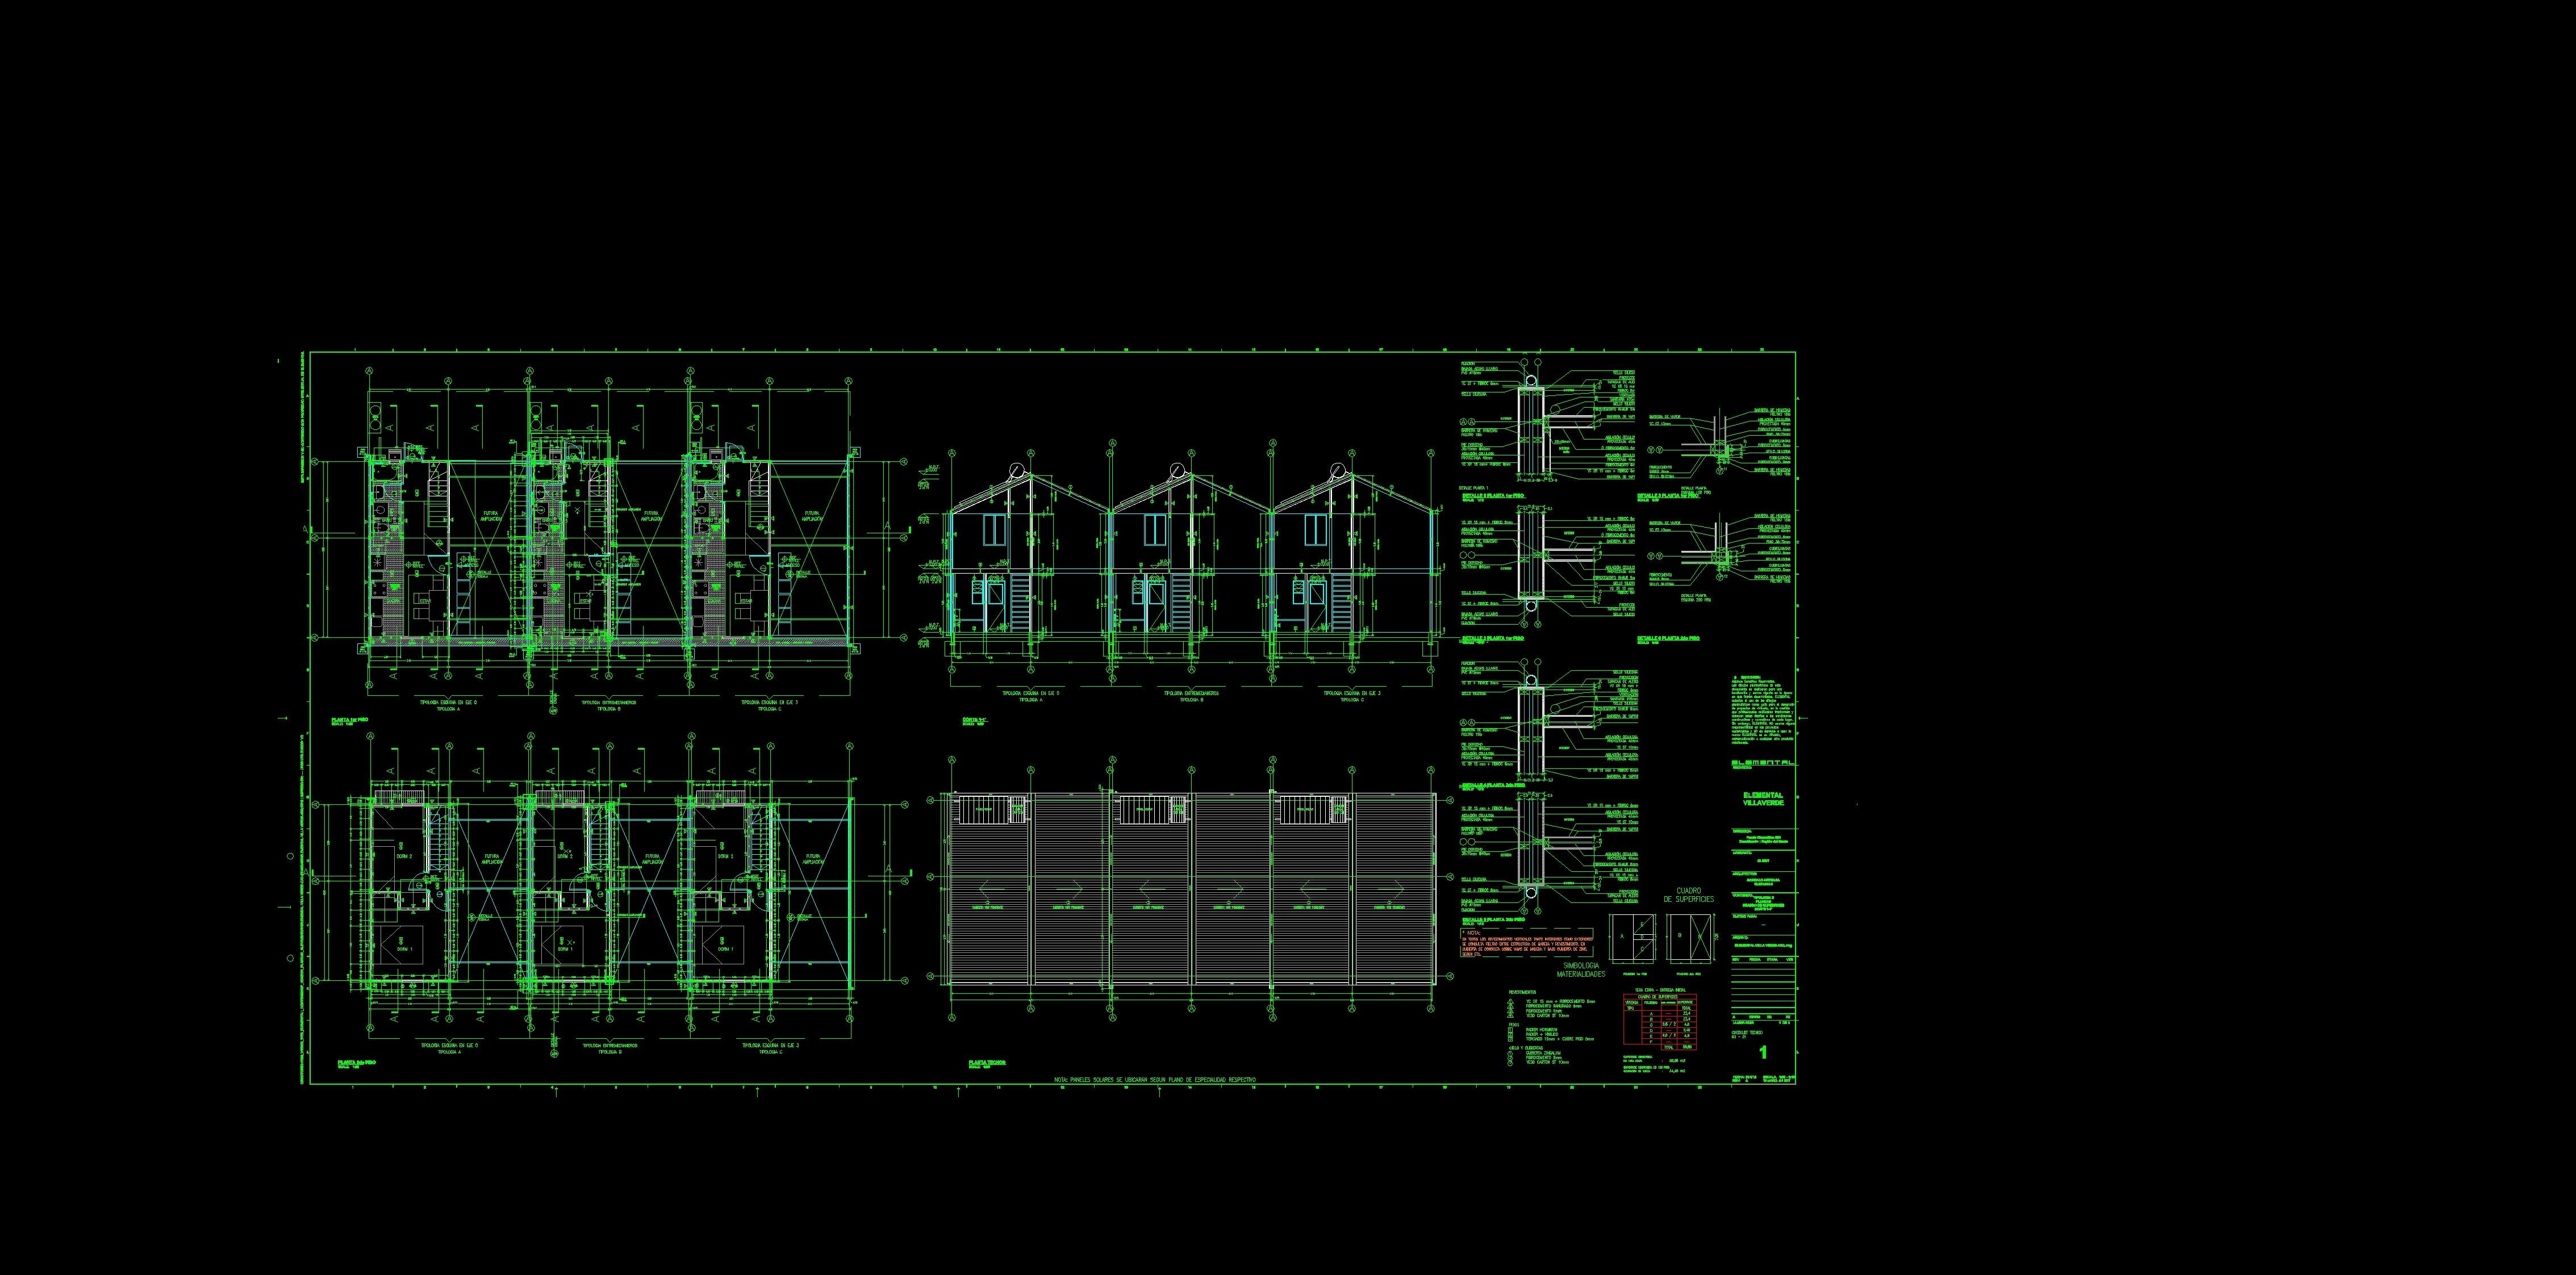 Proyecto de Aravena: Planos Arquitectónicos de VILLAVERDE por Aravena